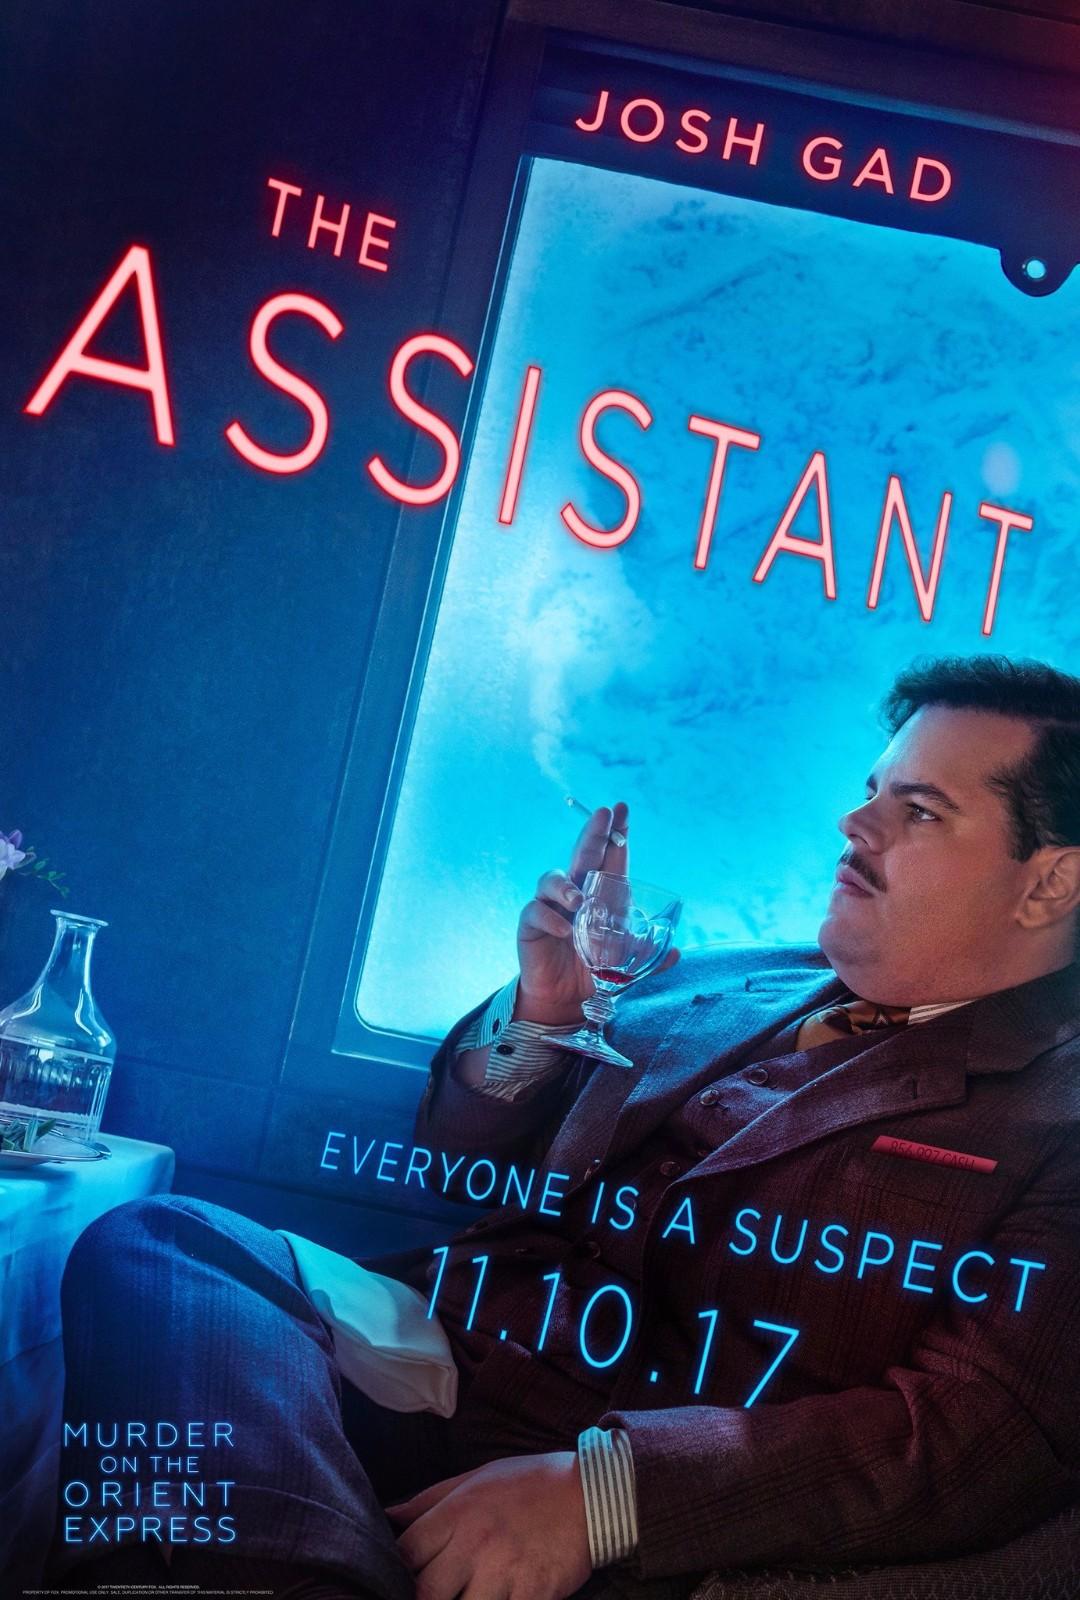 《东方快车谋杀案》角色海报发布 德普领衔超豪华卡司